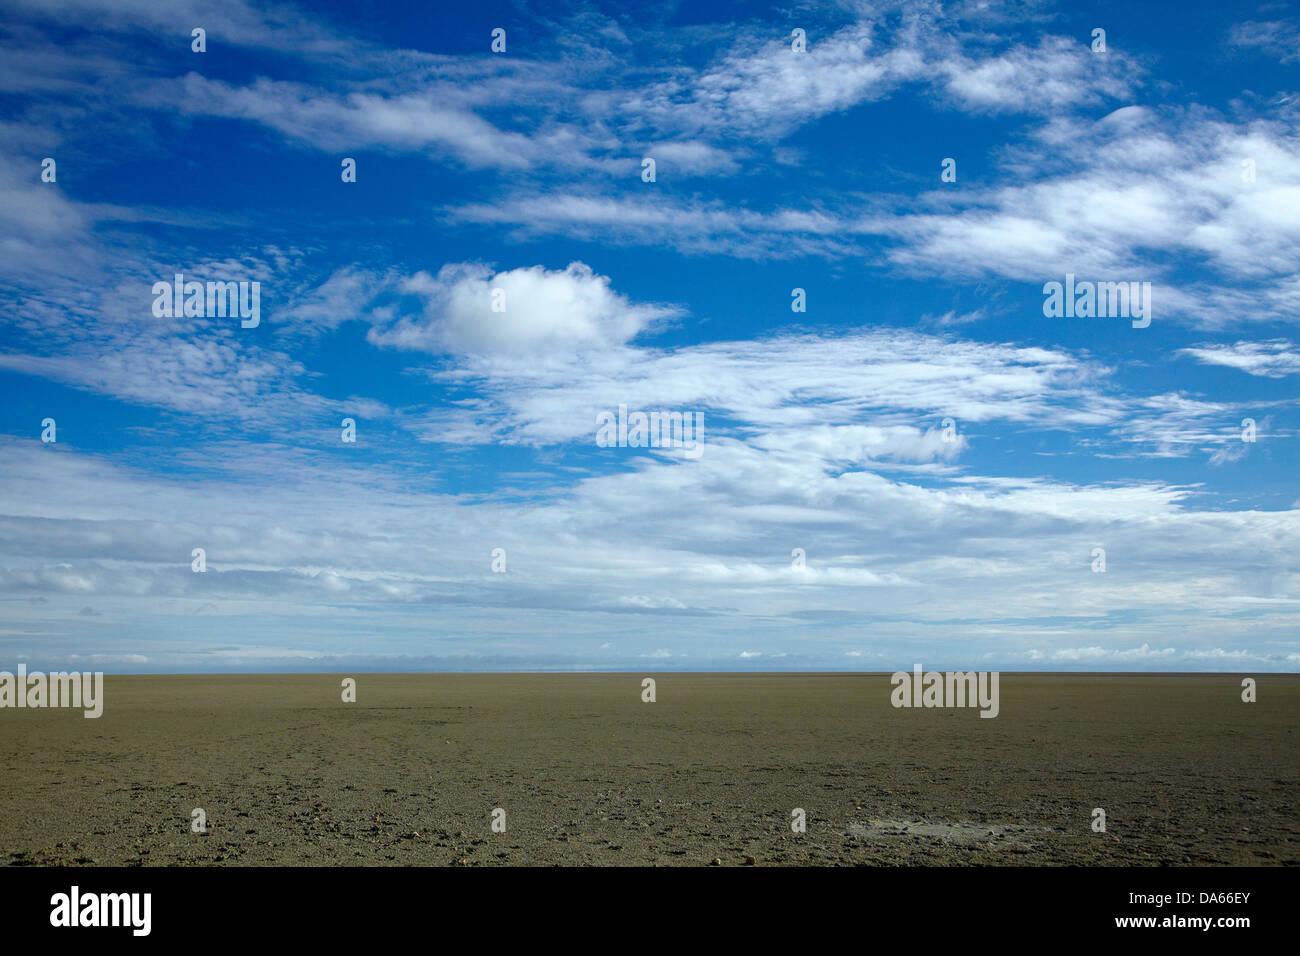 Etosha Pan, Etosha National Park, Namibia, Africa - Stock Image